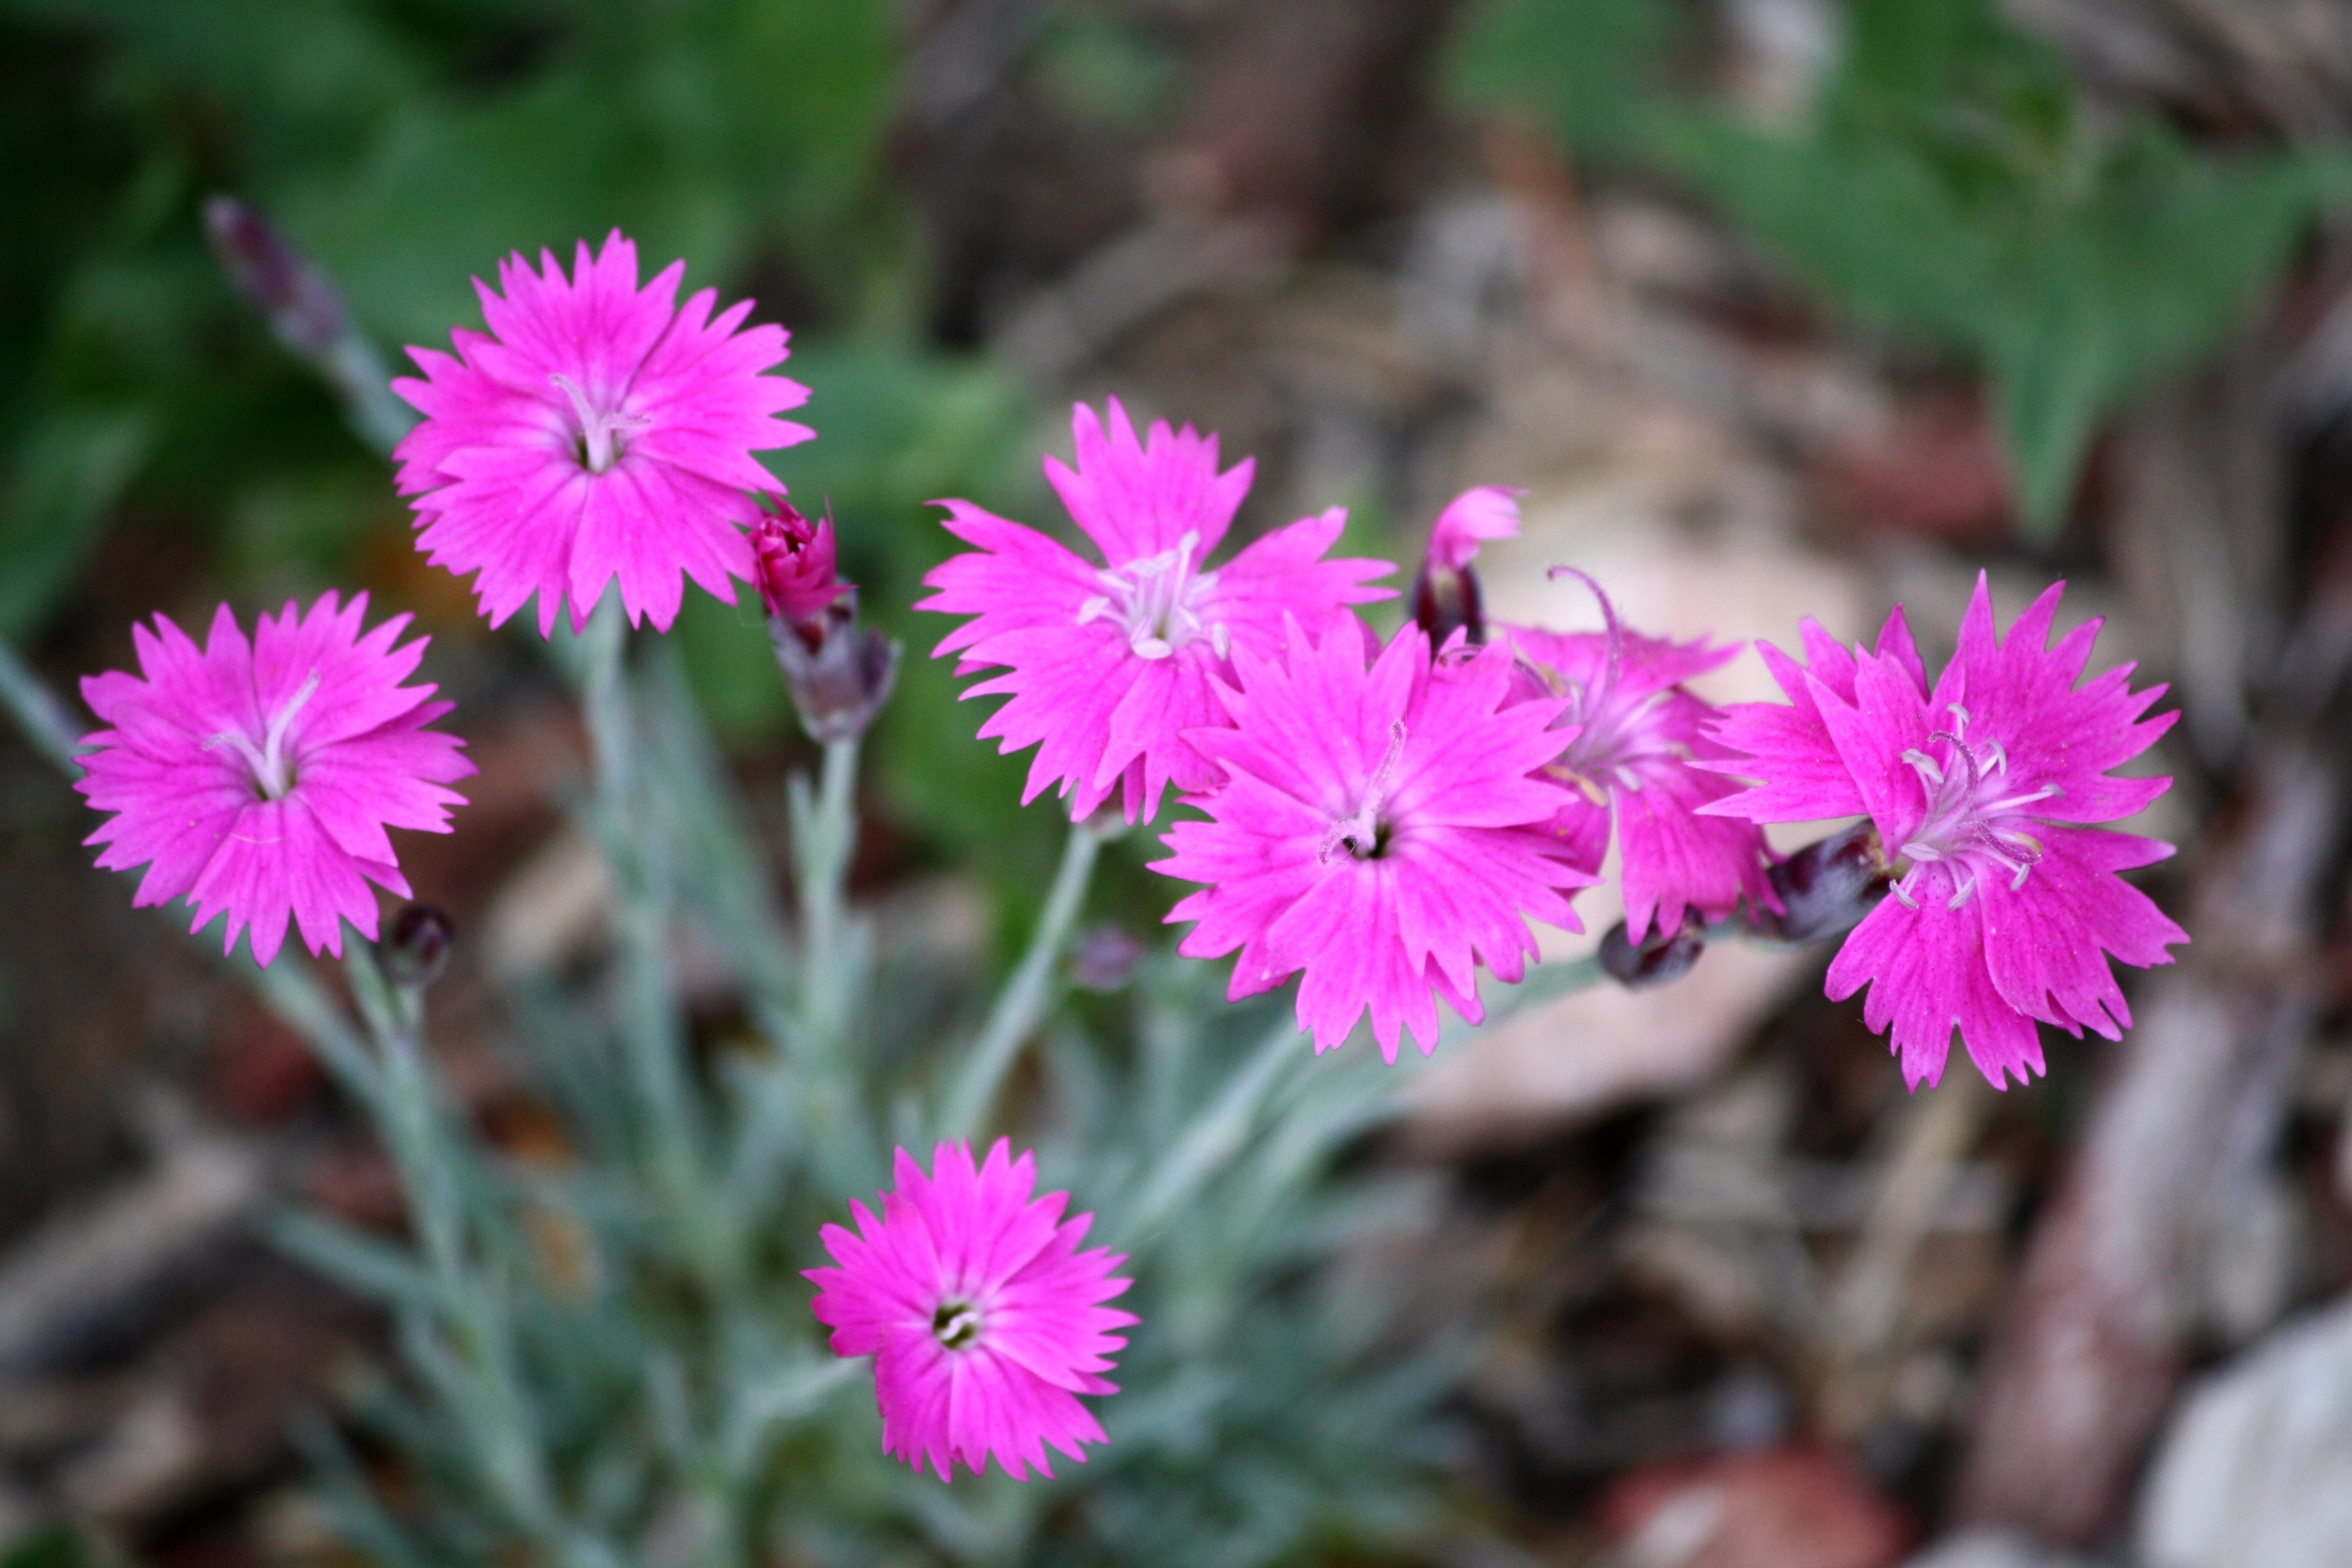 Pink Dianthus Flowers Picture Photograph Photos Public Domain 3888x2592